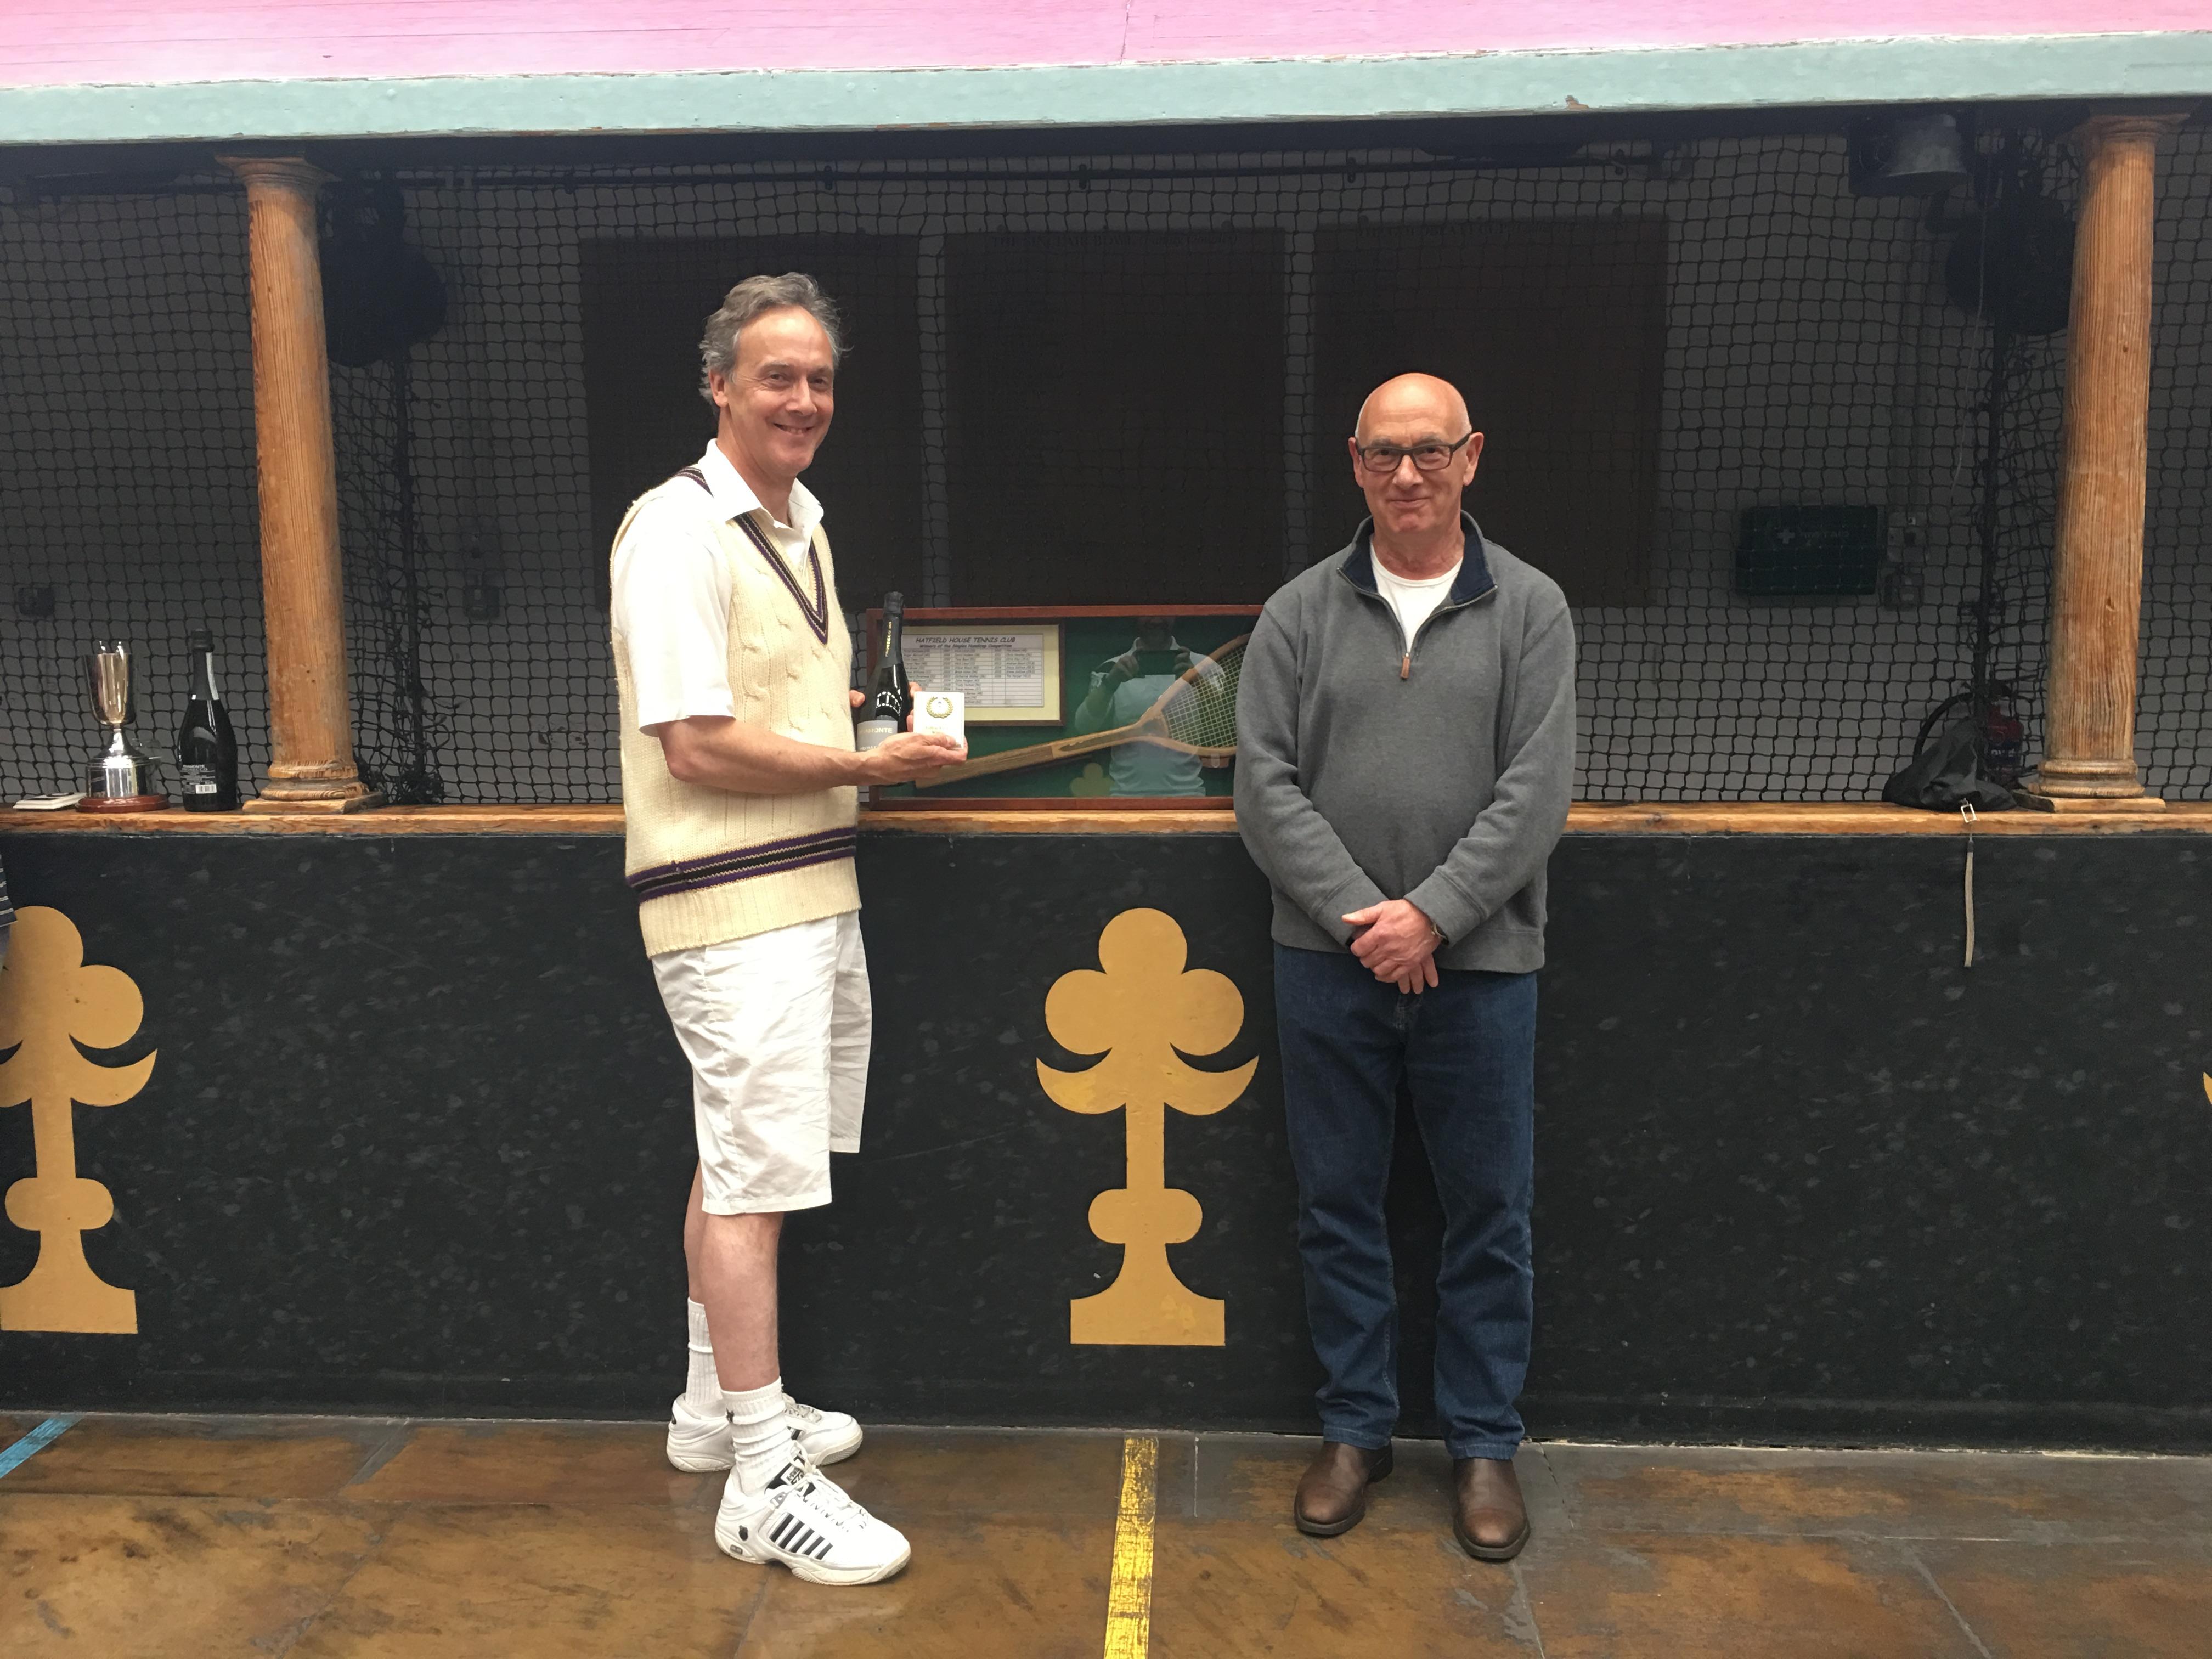 Tufton Racket 2017